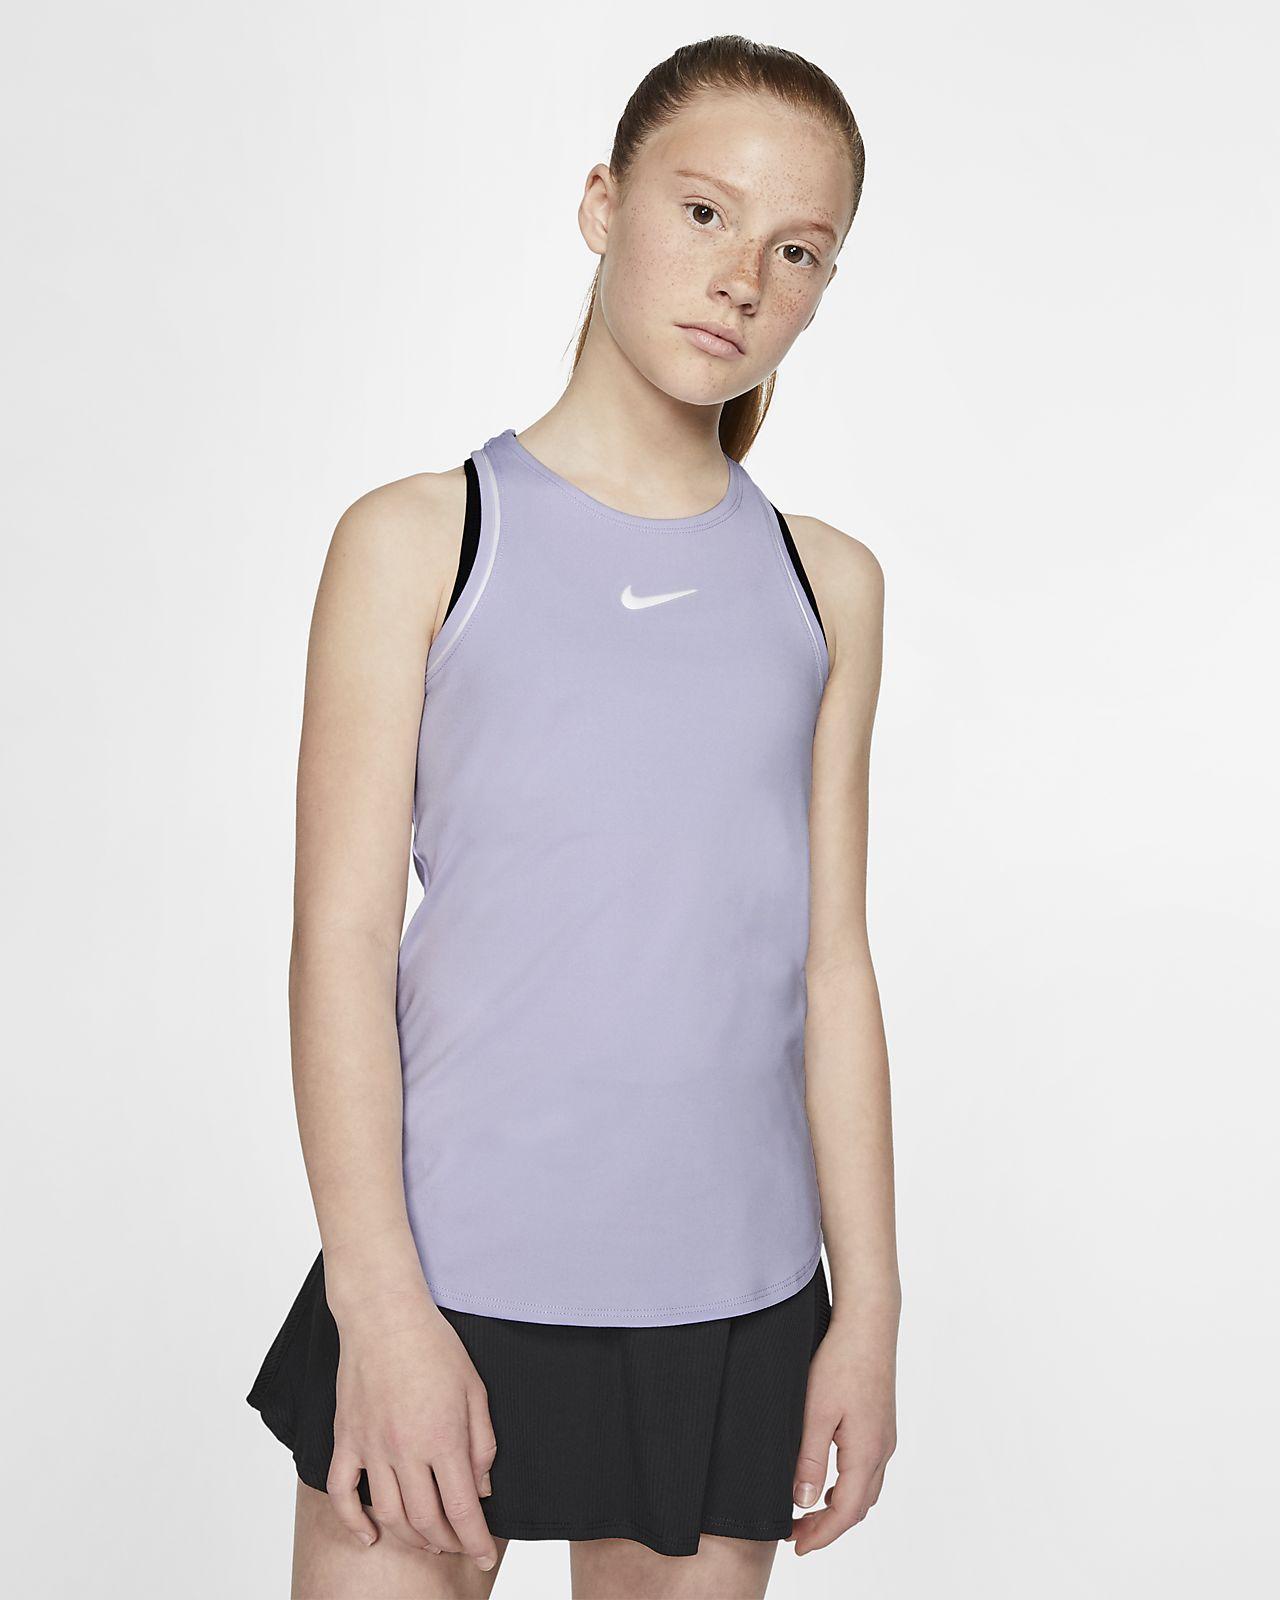 7d5e513cc73cc Débardeur de tennis NikeCourt Dri-FIT pour Fille plus âgée. Nike.com CA